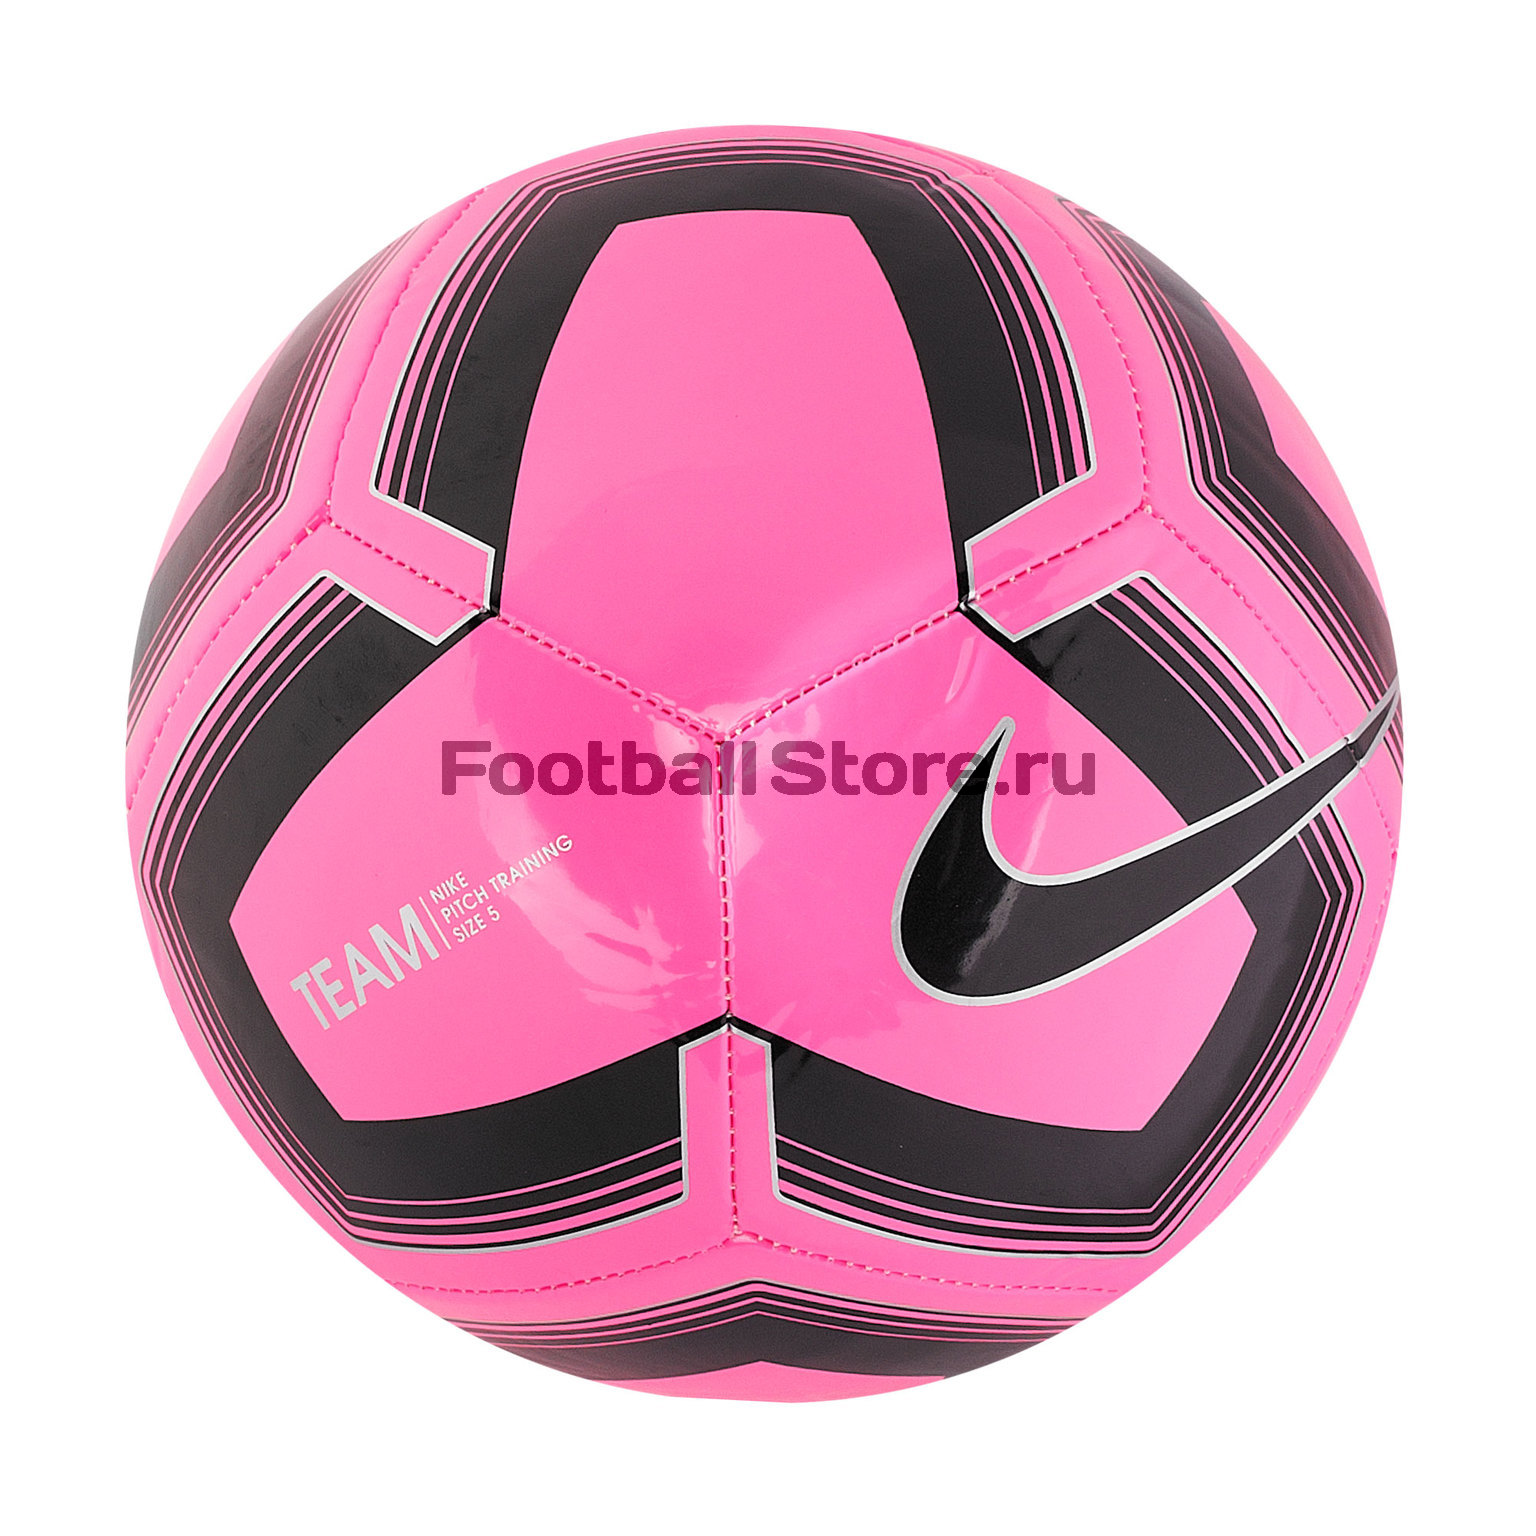 Футбольный мяч Nike Pitch Training SC3893-639